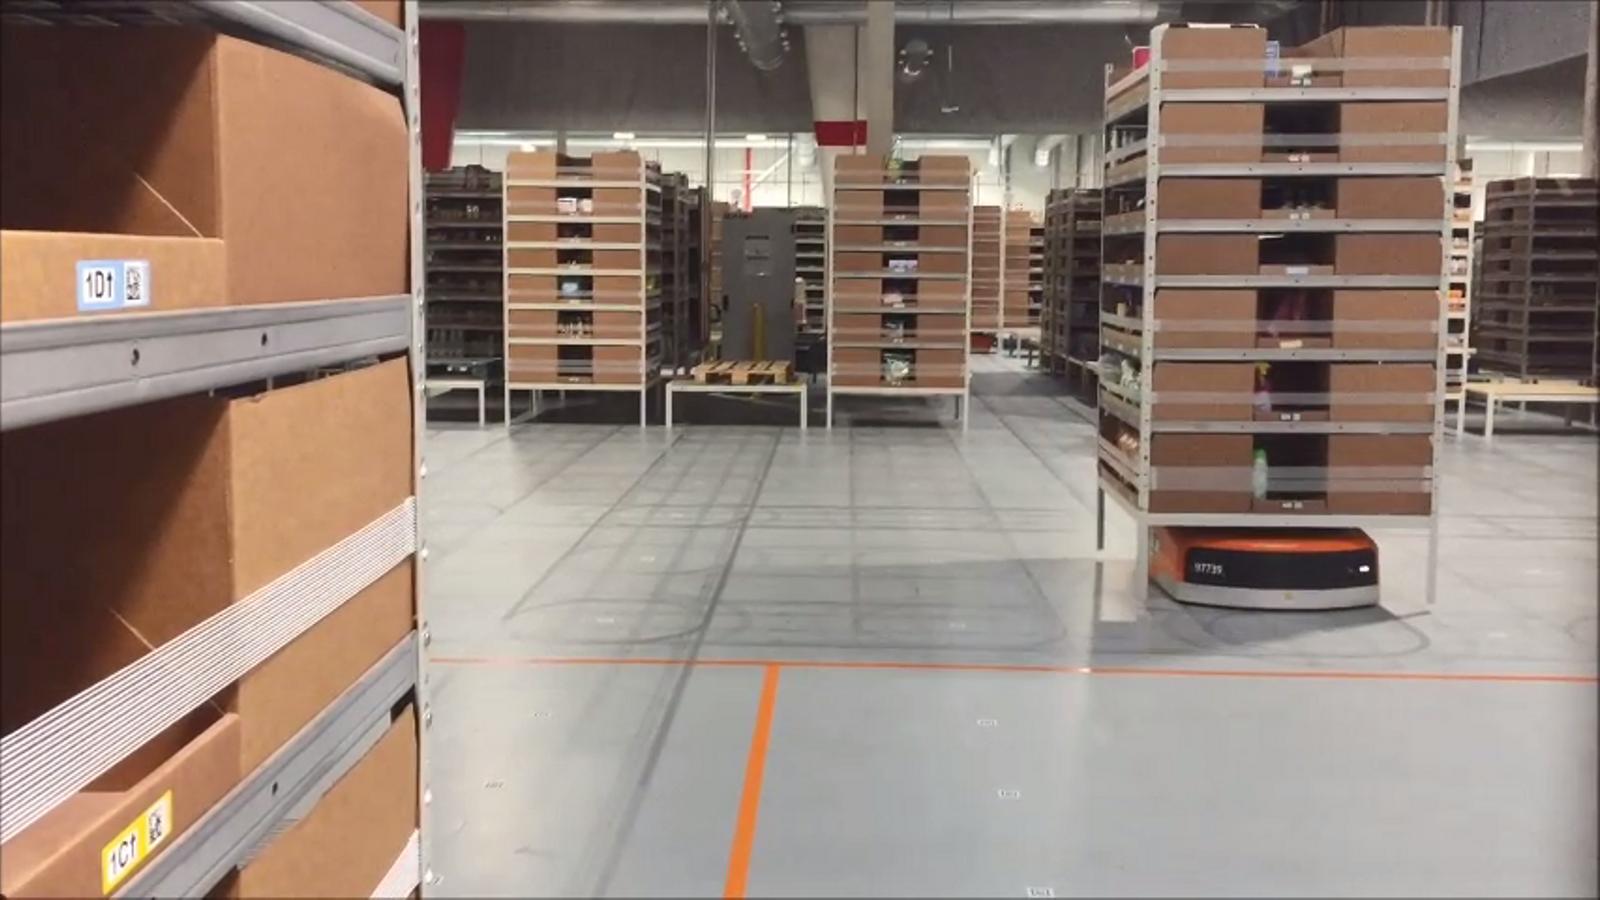 Així són els robots que treballen als magatzems catalans d'Amazon